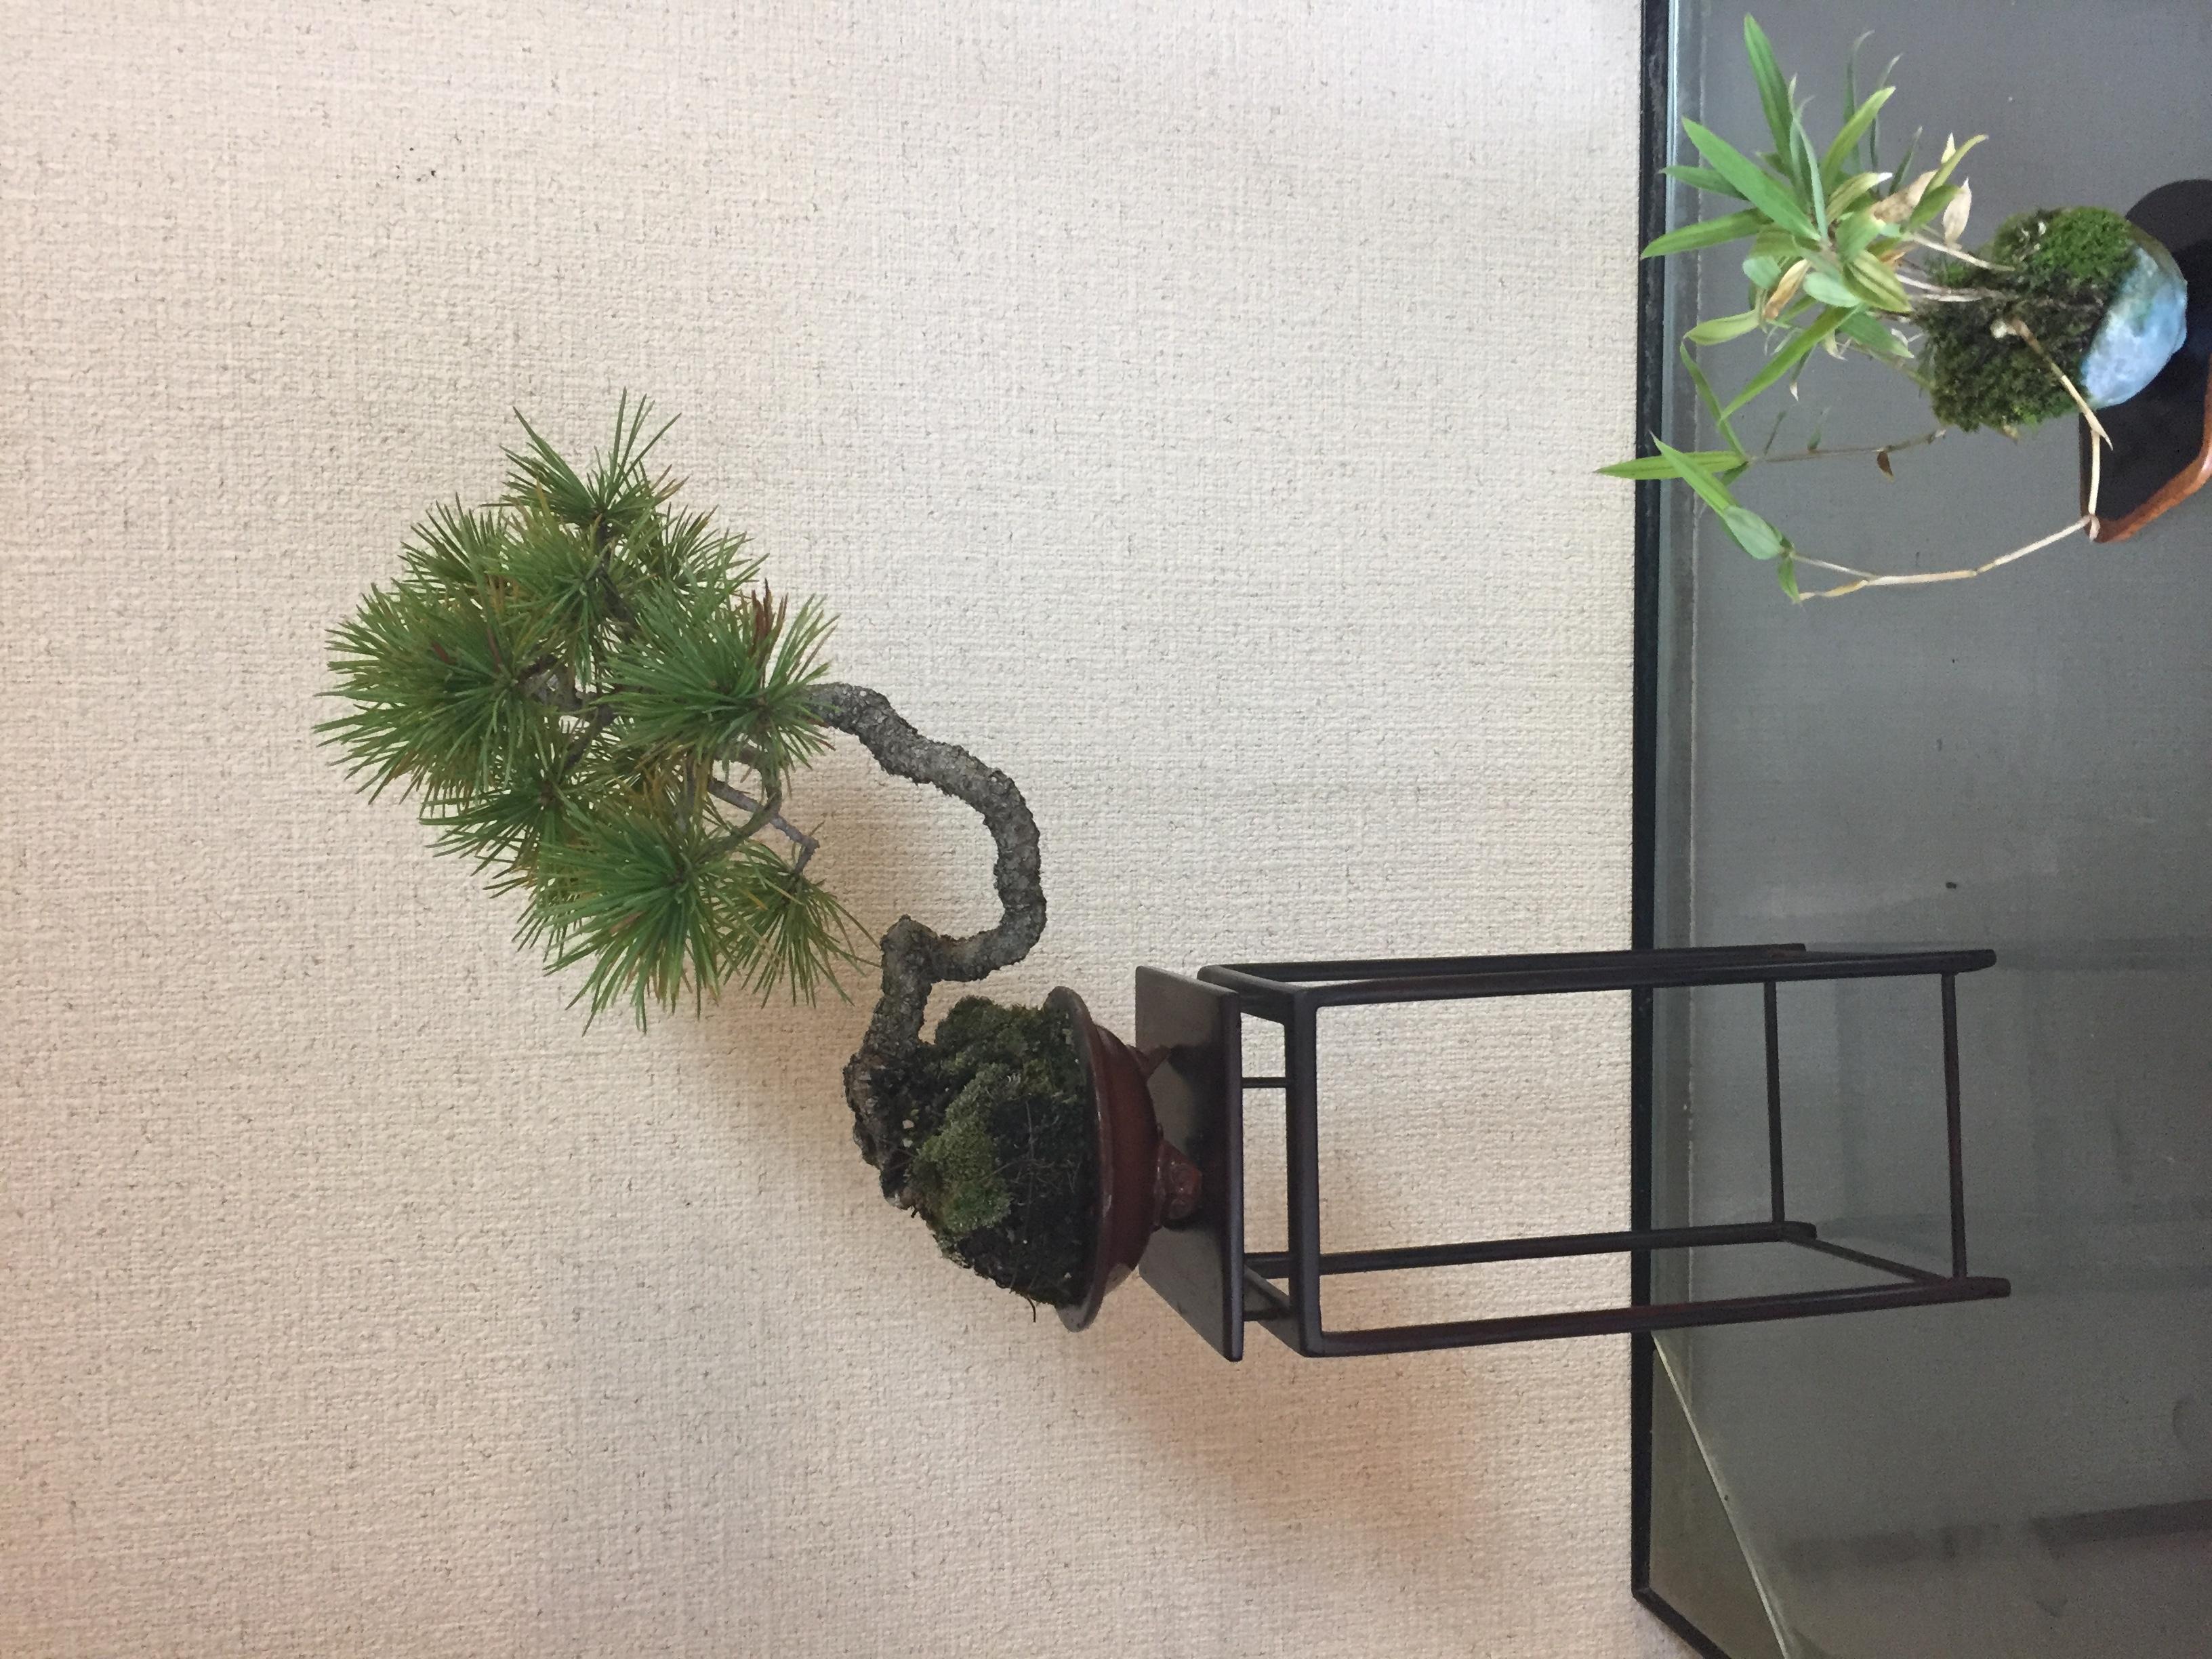 成彦 Shigehiko 盆栽 Bonsai /五葉松 ゴヨウマツ 文人